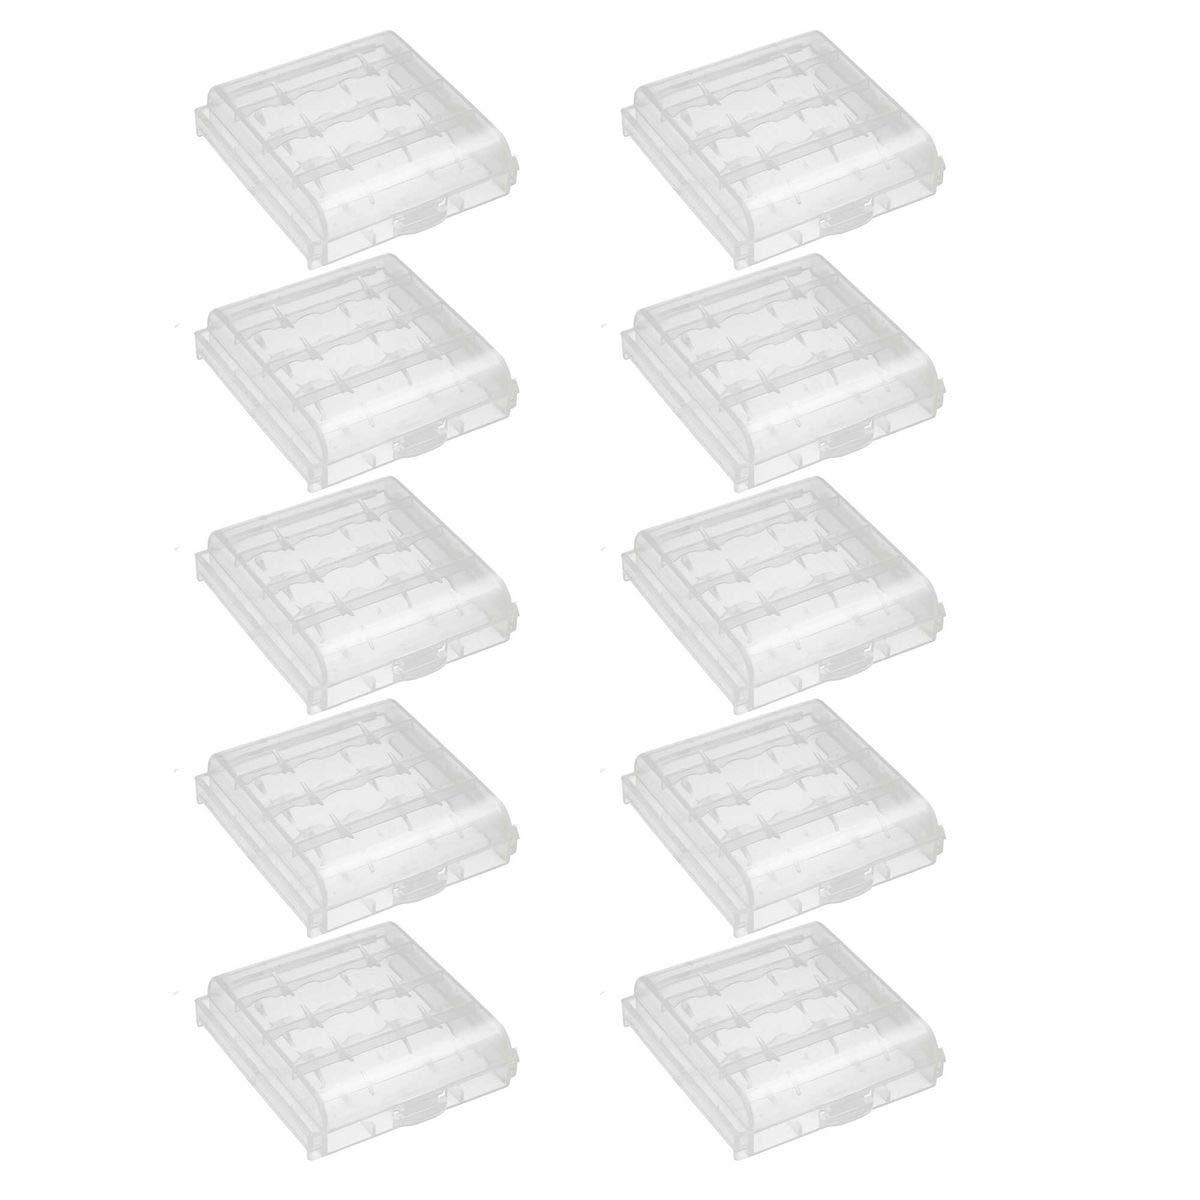 10er Pack Aufbewahrungsbox fü r 1x 21700 Akkus/Batterien - 10er Set Akku-King